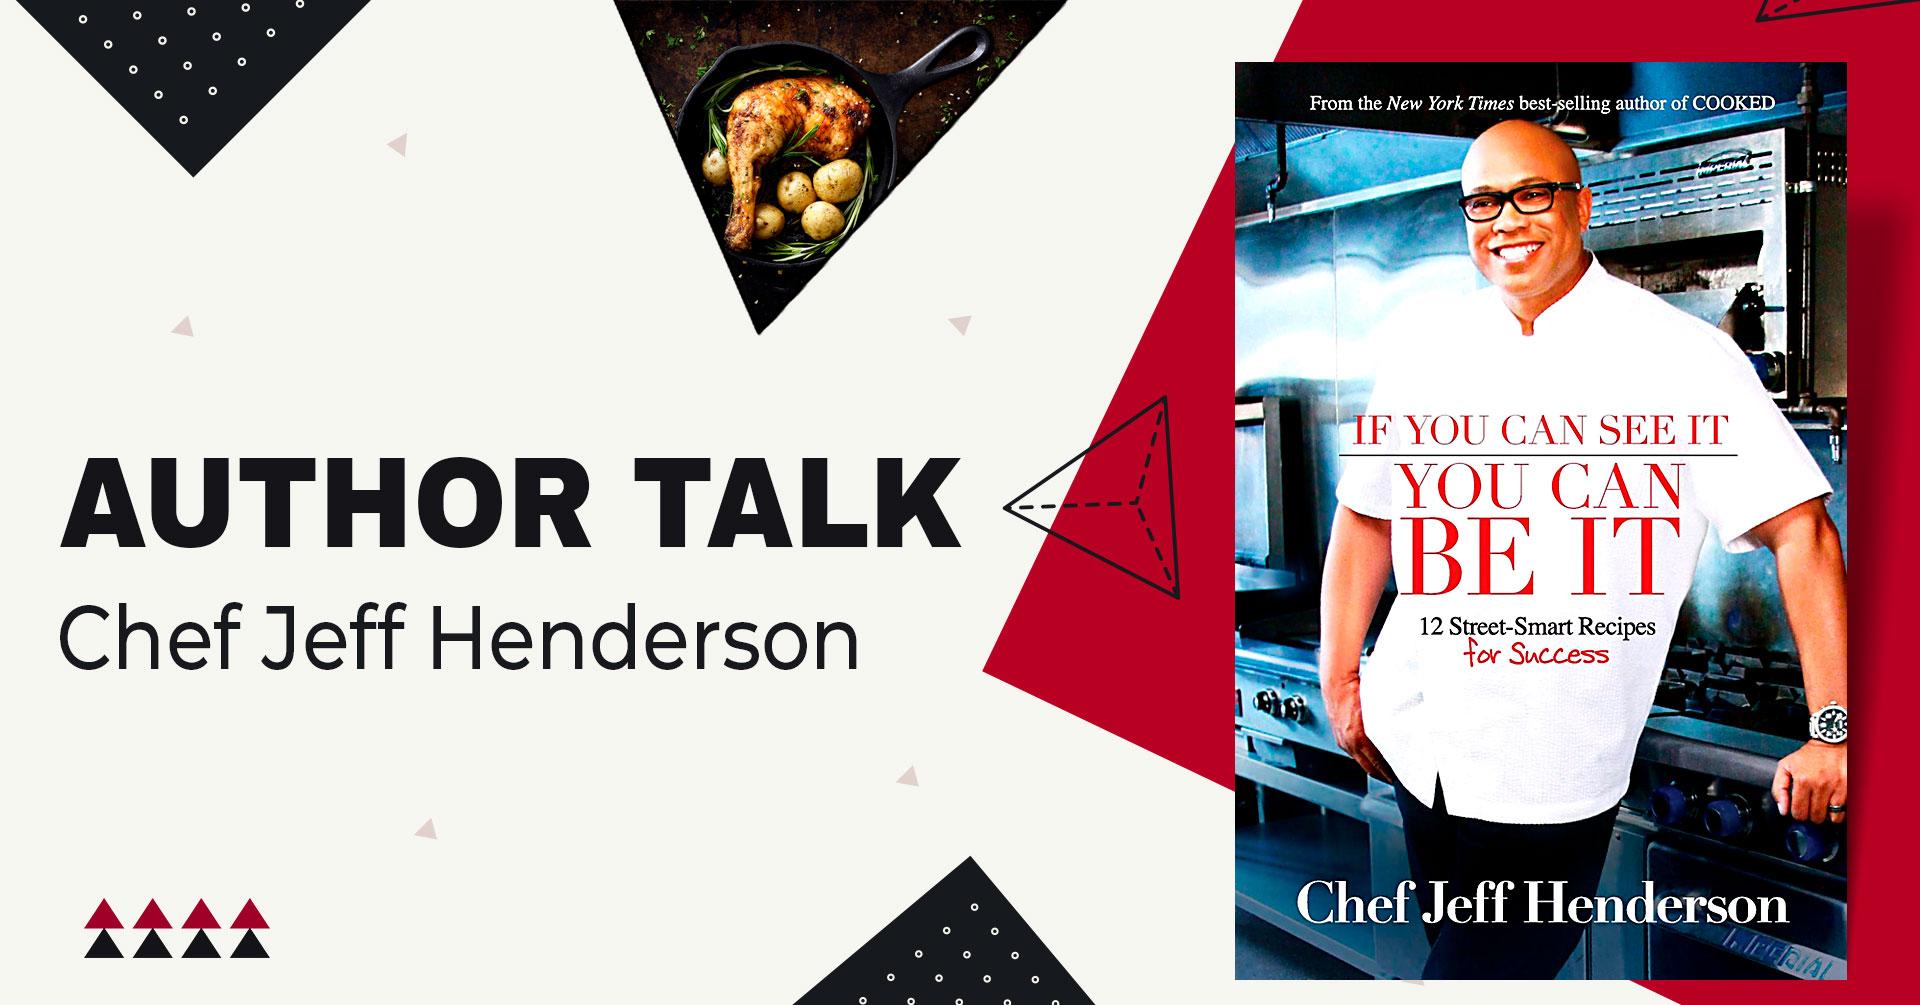 author talk chef jeff henderson